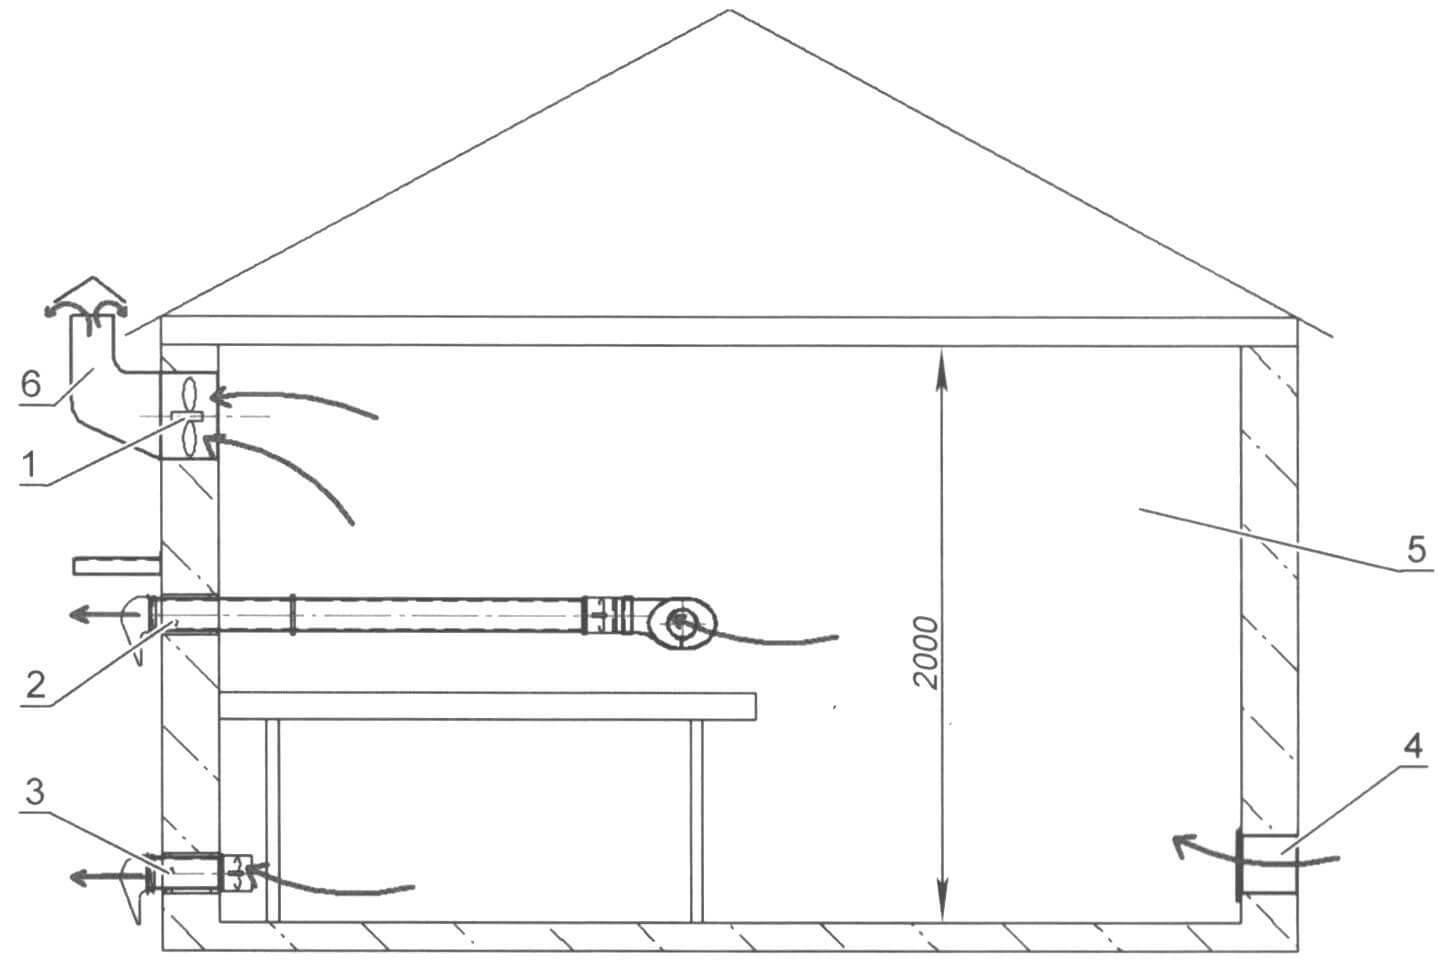 Компоновка конструктивных элементов вентиляции в домашней мастерской